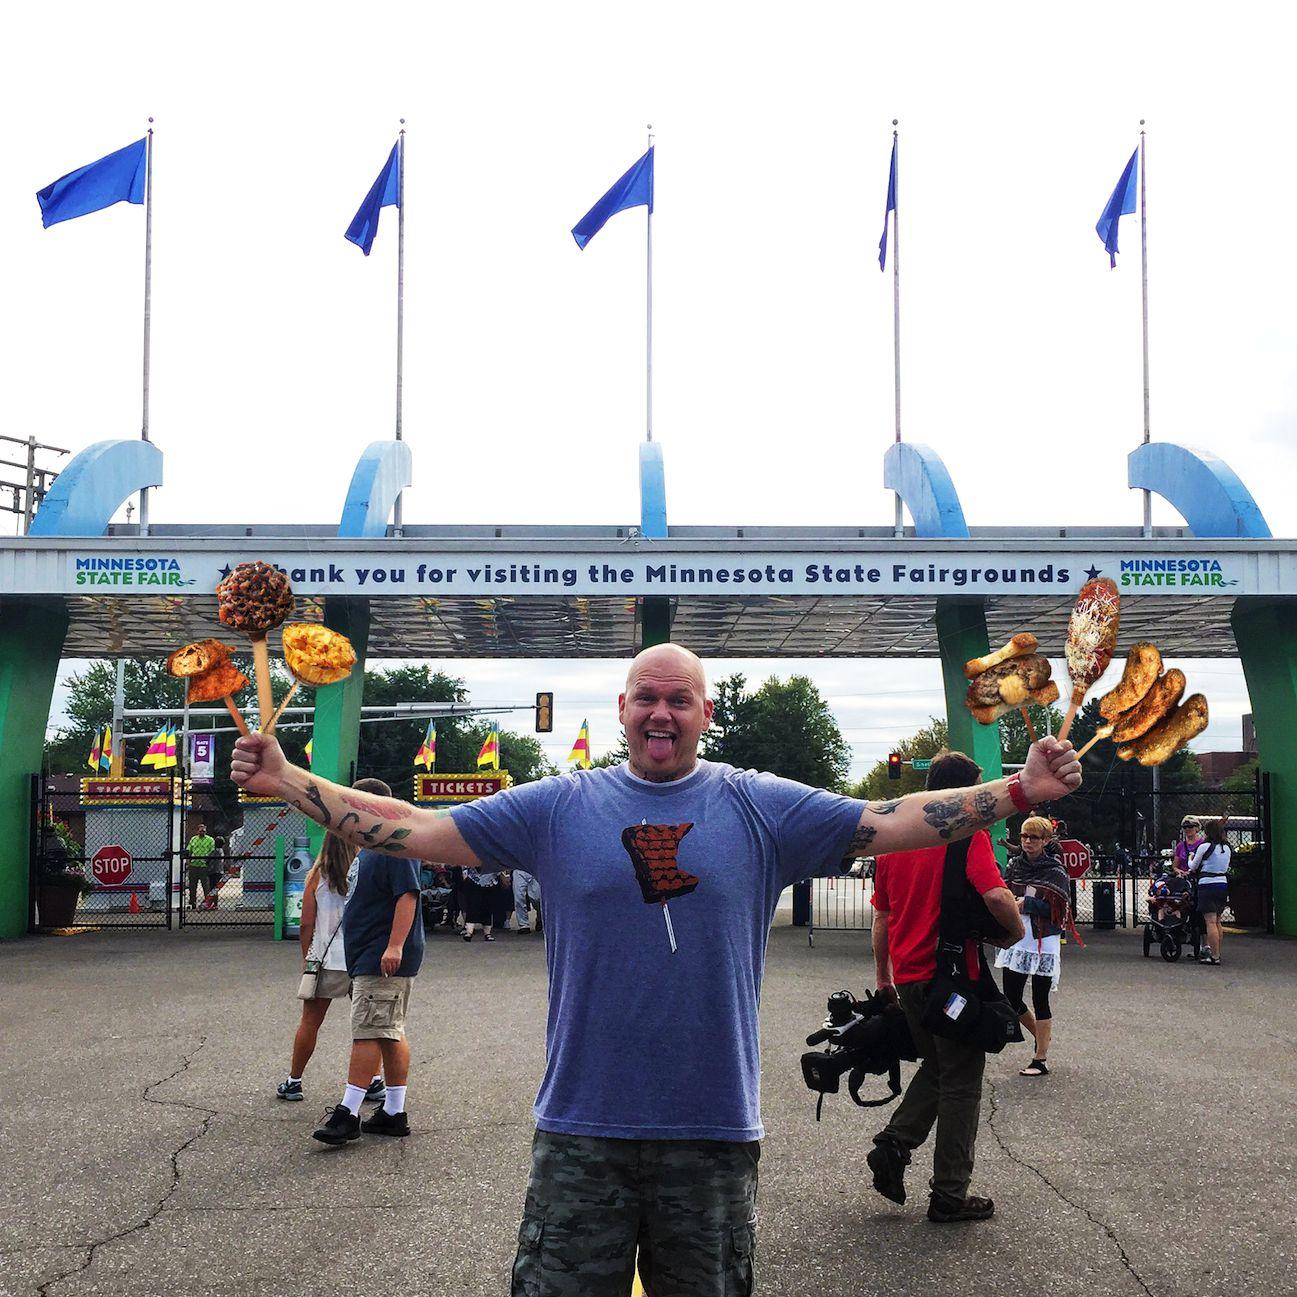 Phatphood State Fair